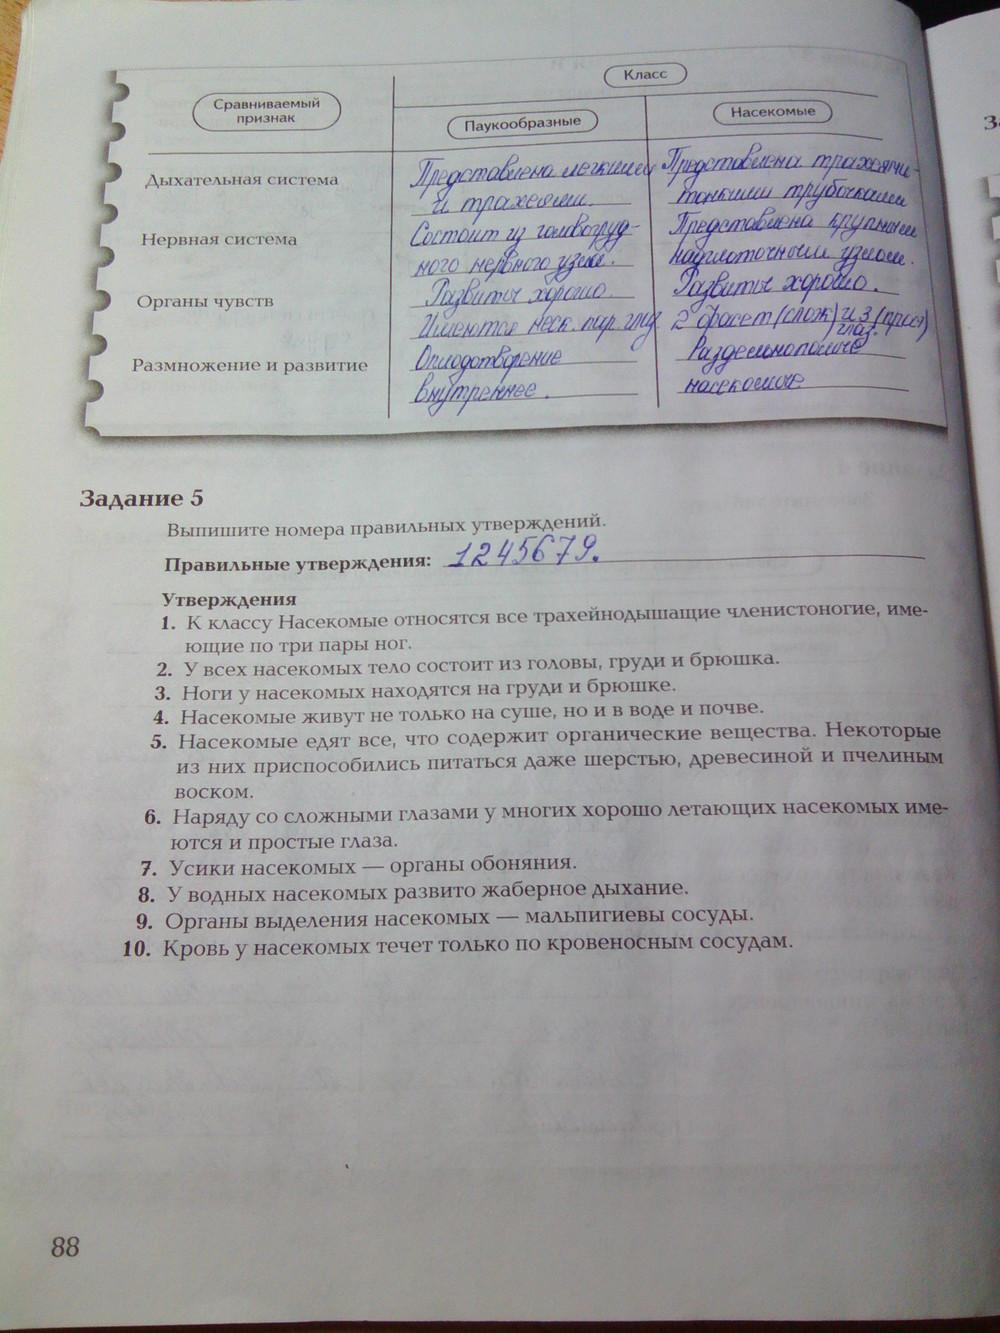 гдз по биологии рабочая тетрадь 7 класс вторая часть бабенко